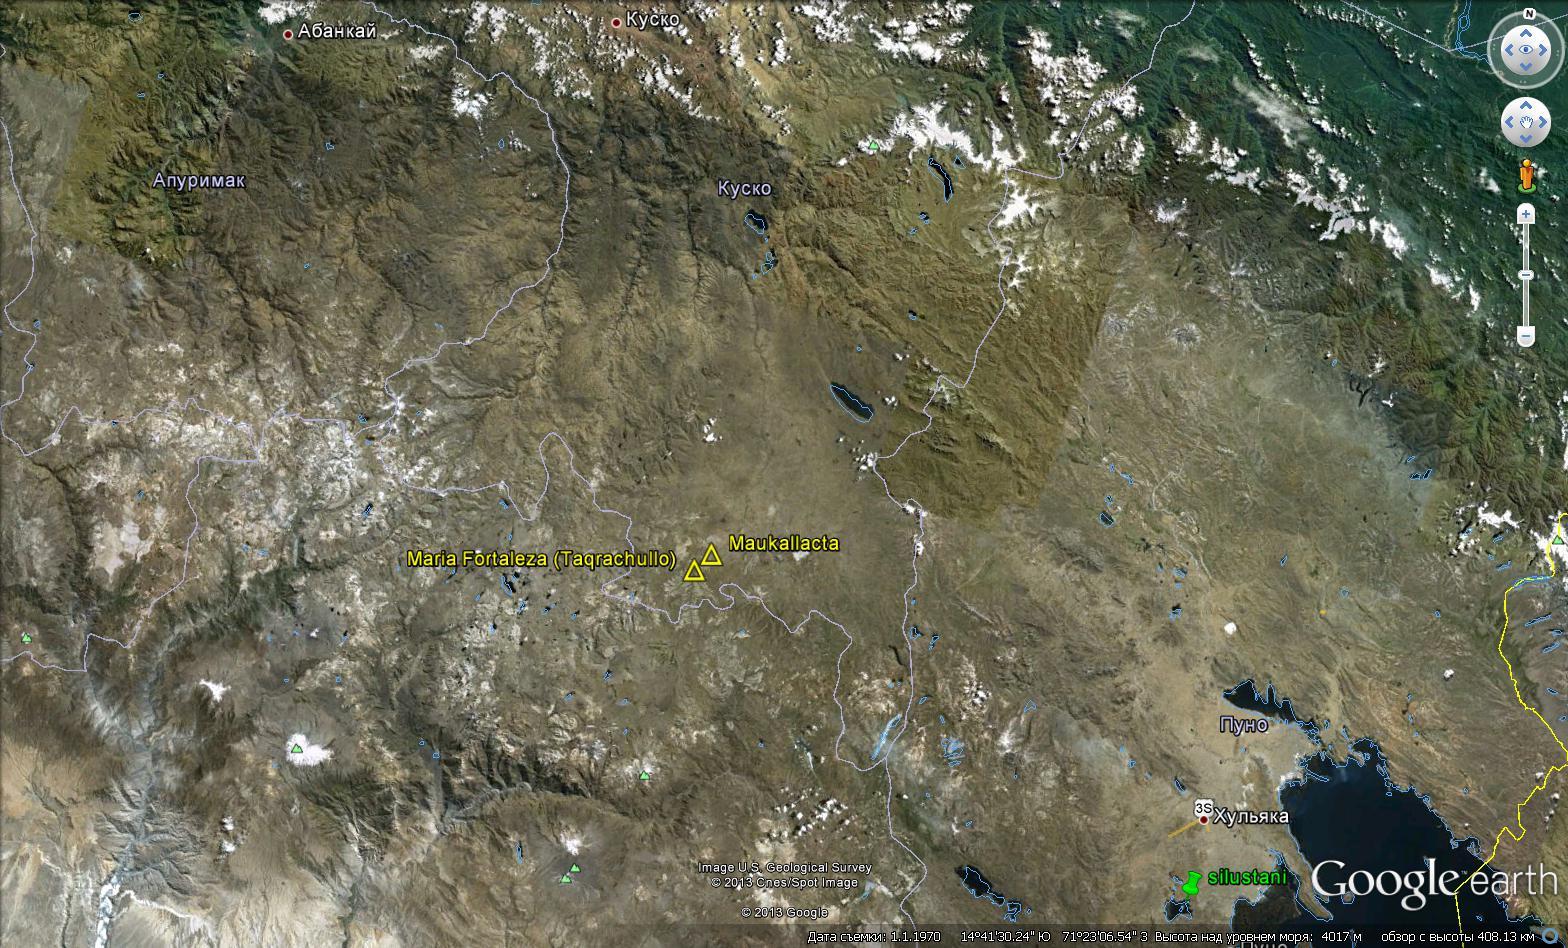 Месторасположение объектов Крепость Марии, Маукаллакта и Силустани